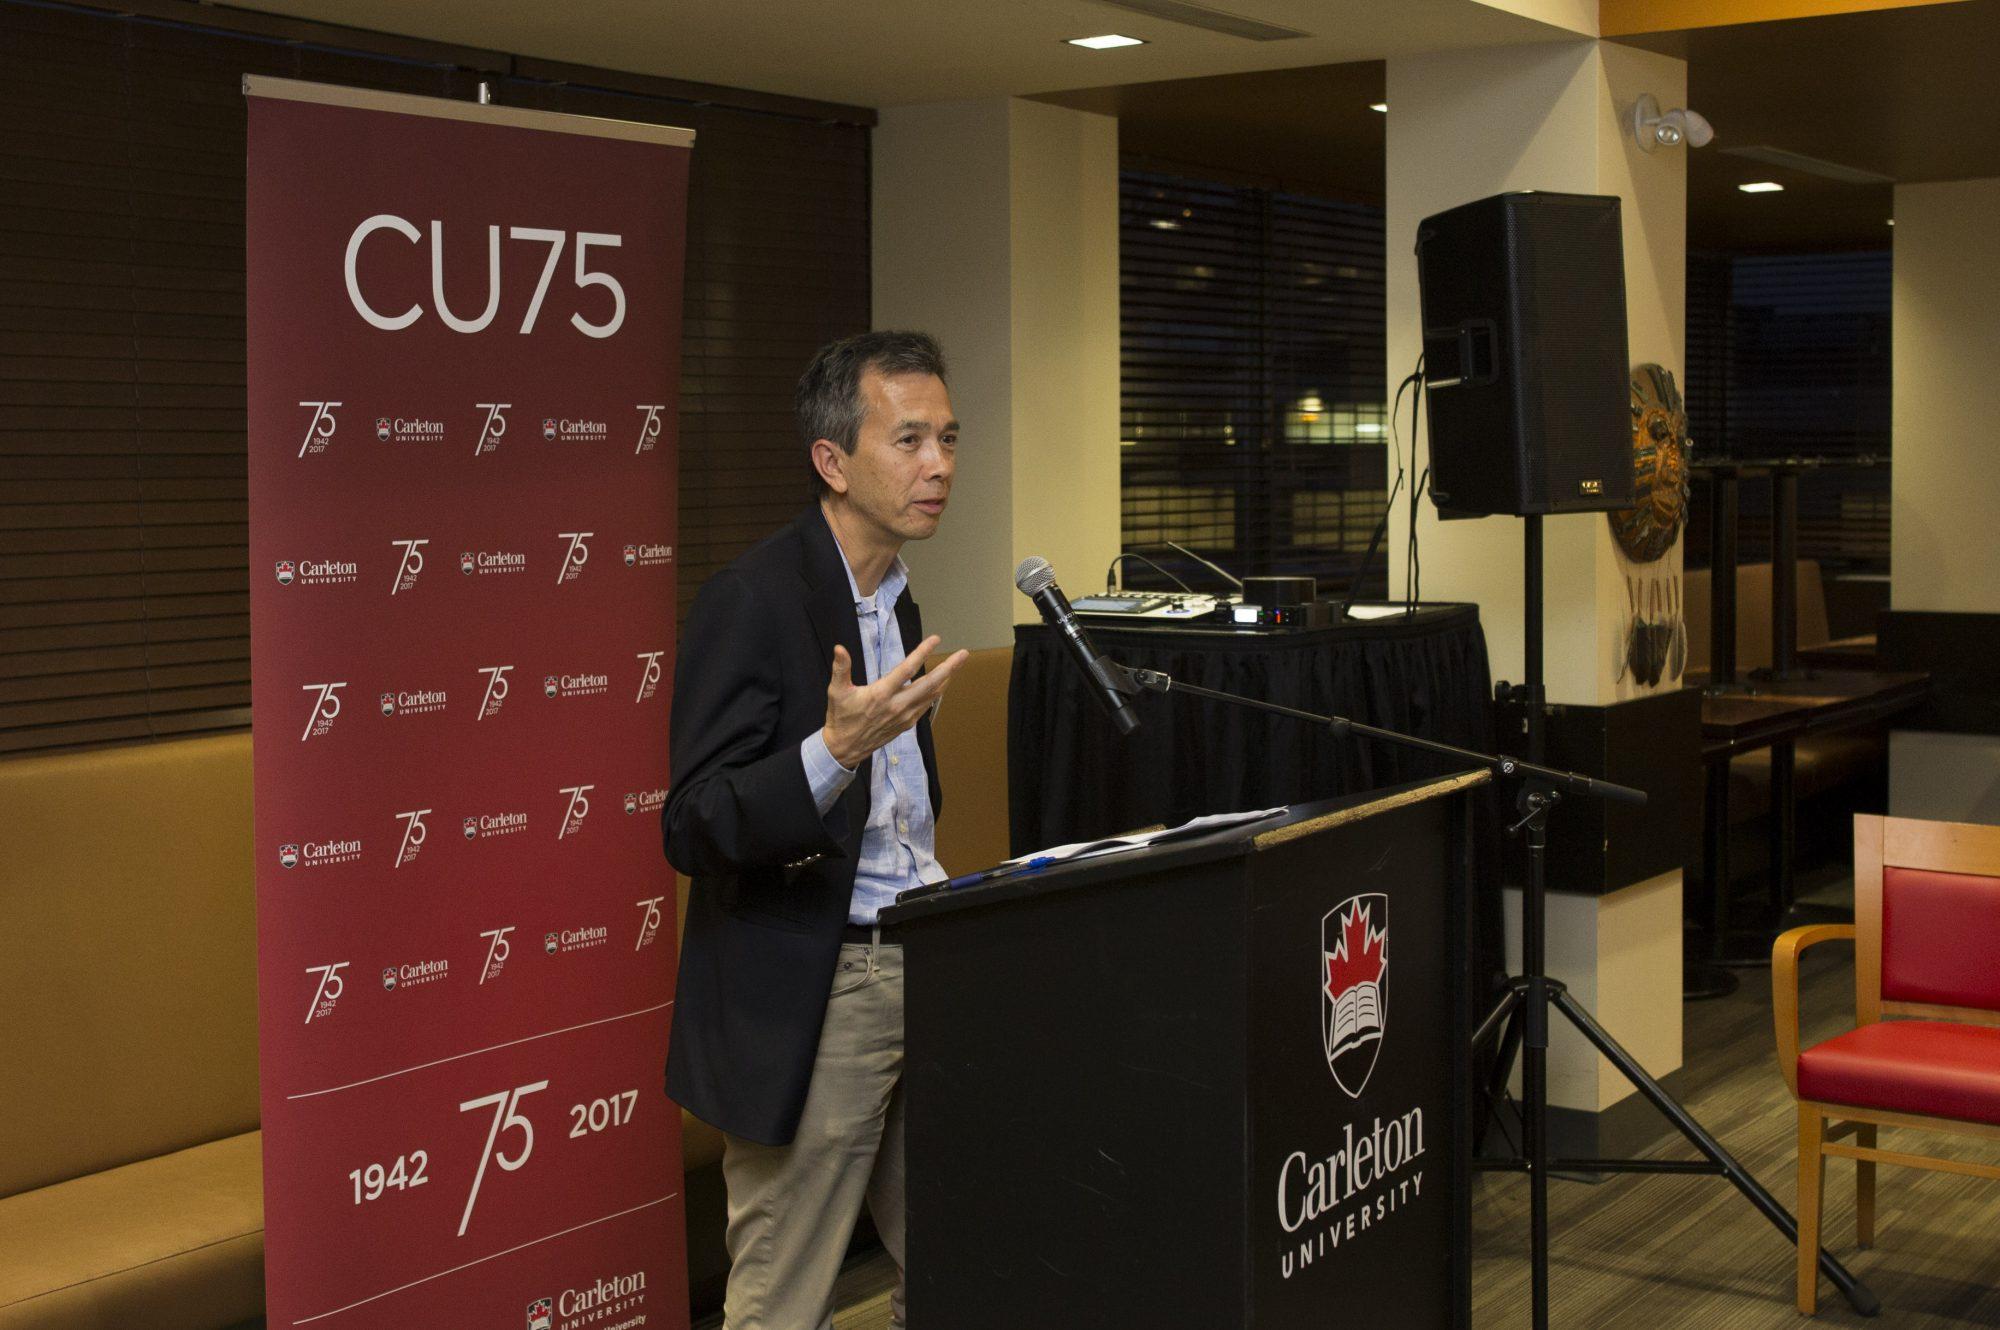 Greg Ip at a podium